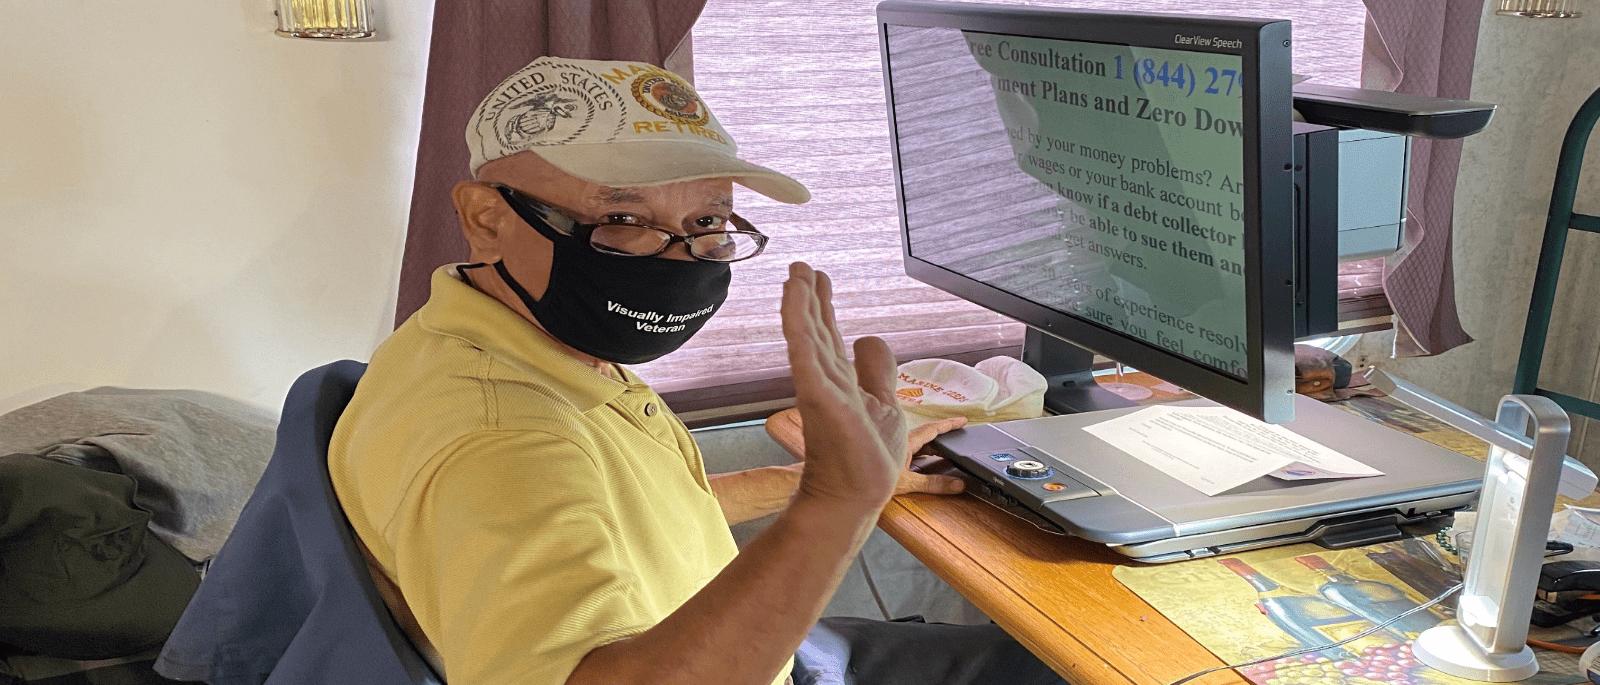 Client using CCTV